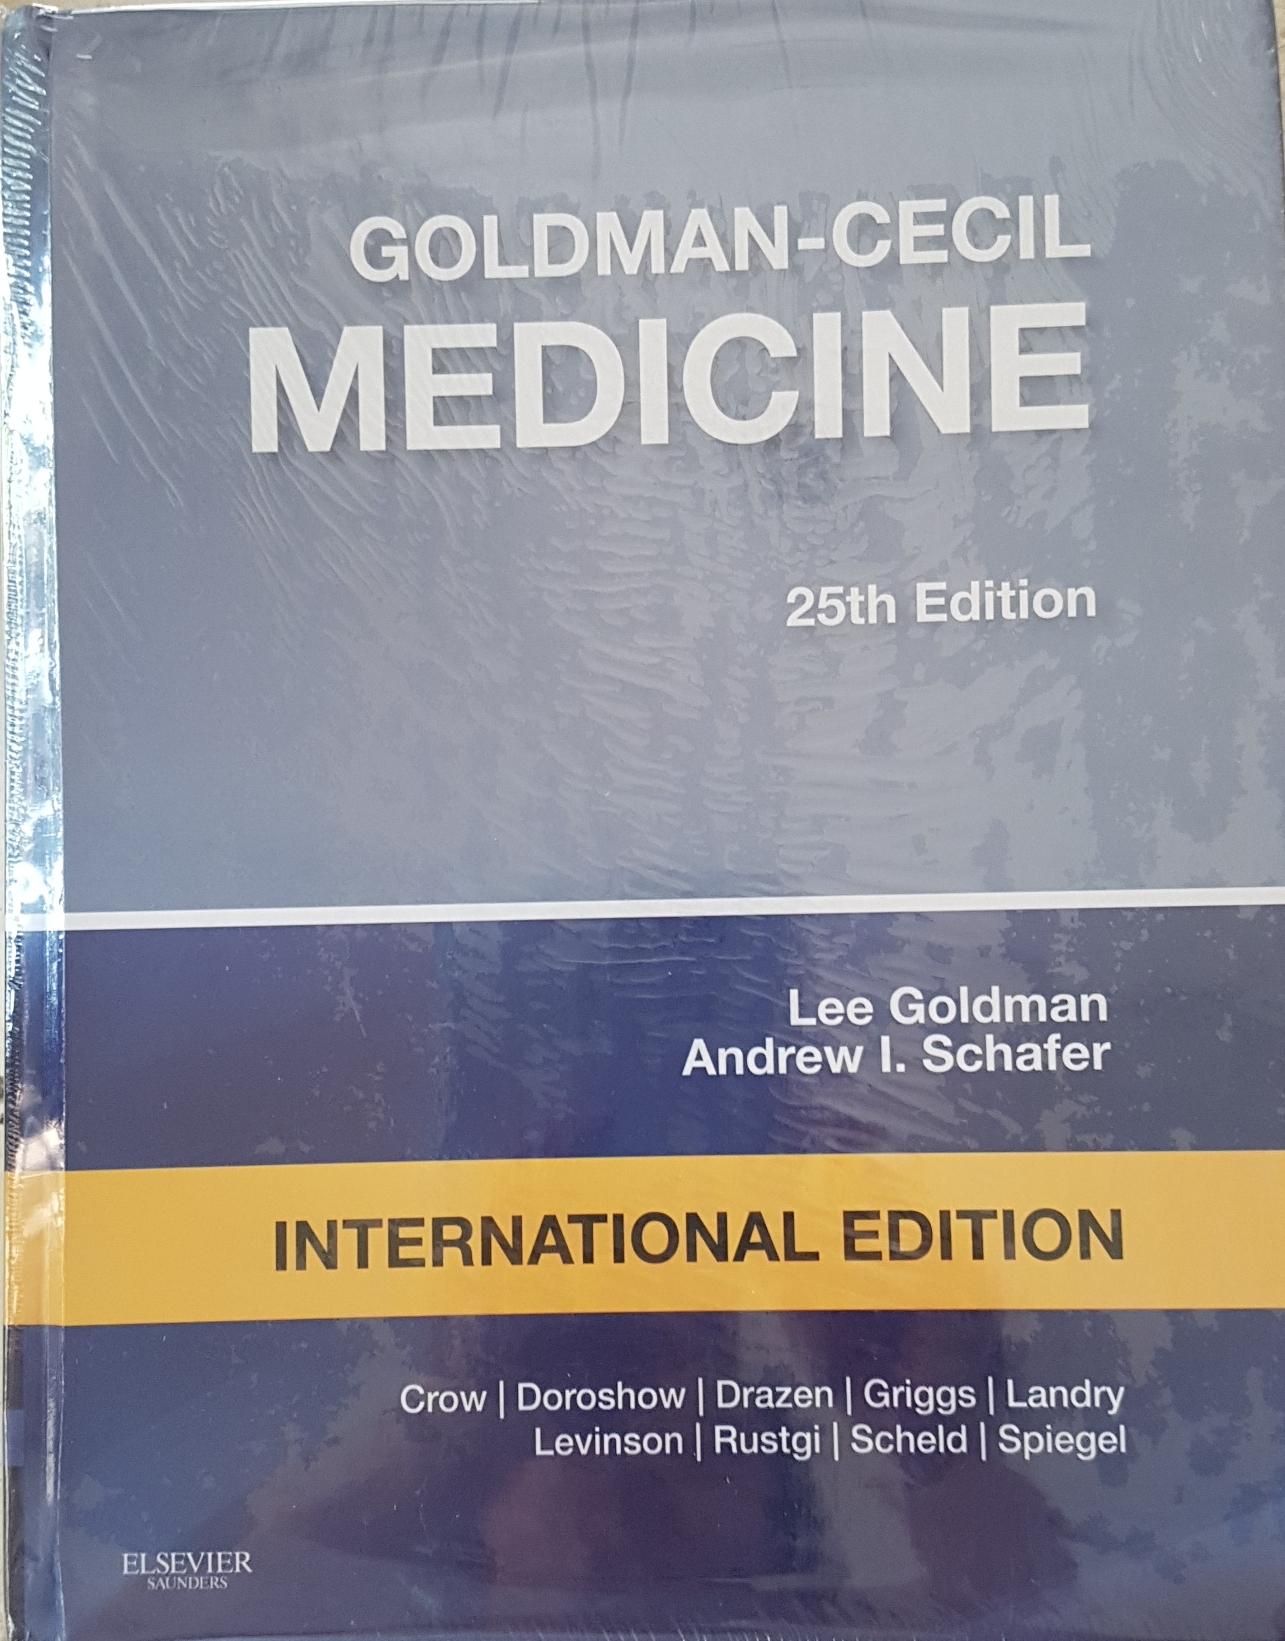 [ORIGINAL] Goldman-Cecil Medicine 25e vol.1 dan 2